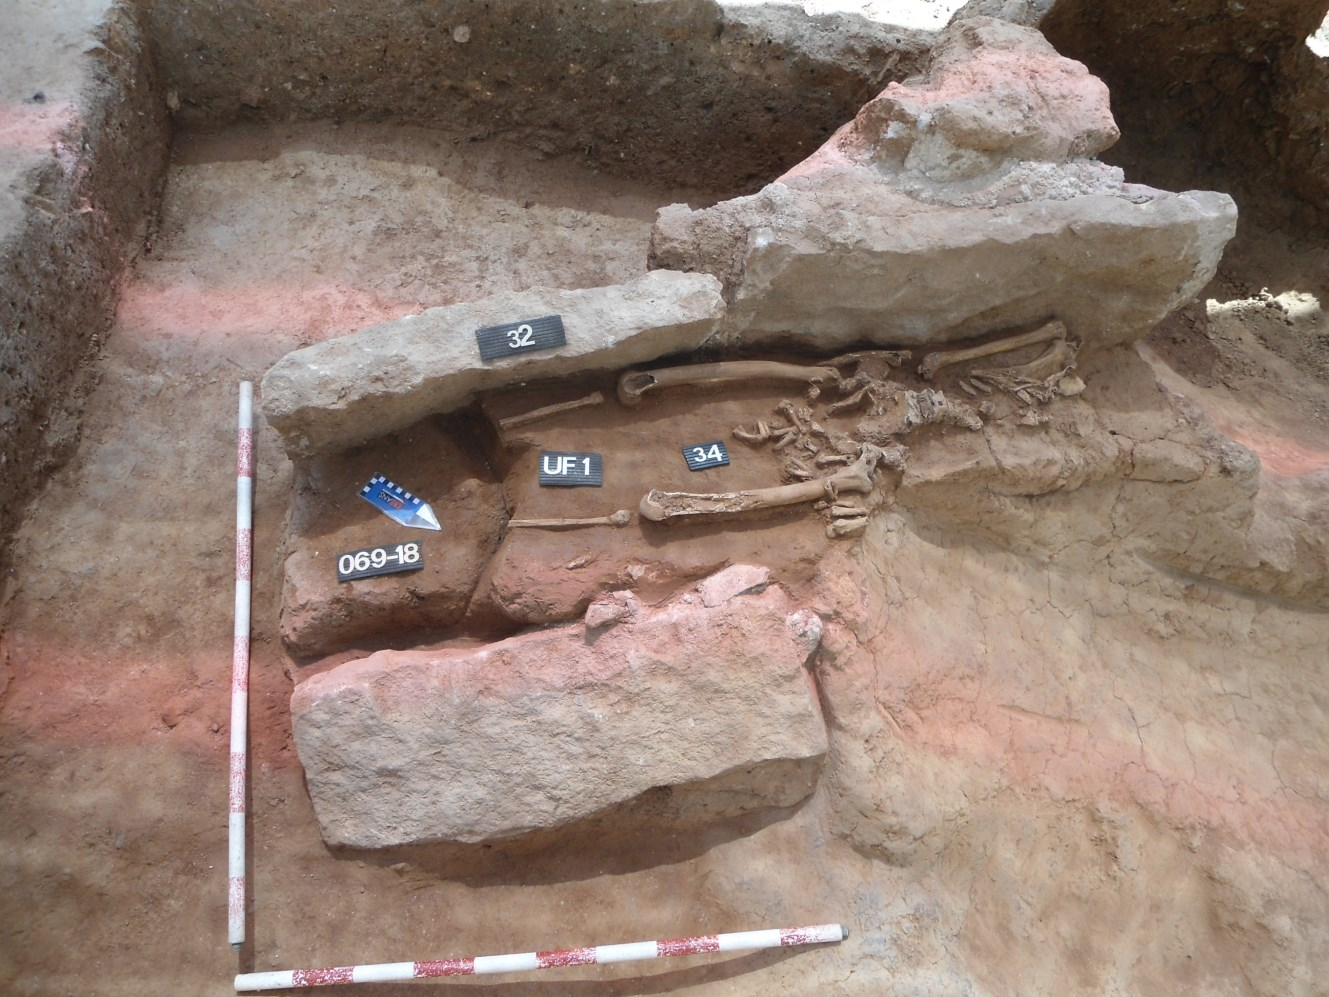 Tomba excavada amb caixa de pedra o cista, i l'inhumat al seu interior. Foto: Jordi Serra